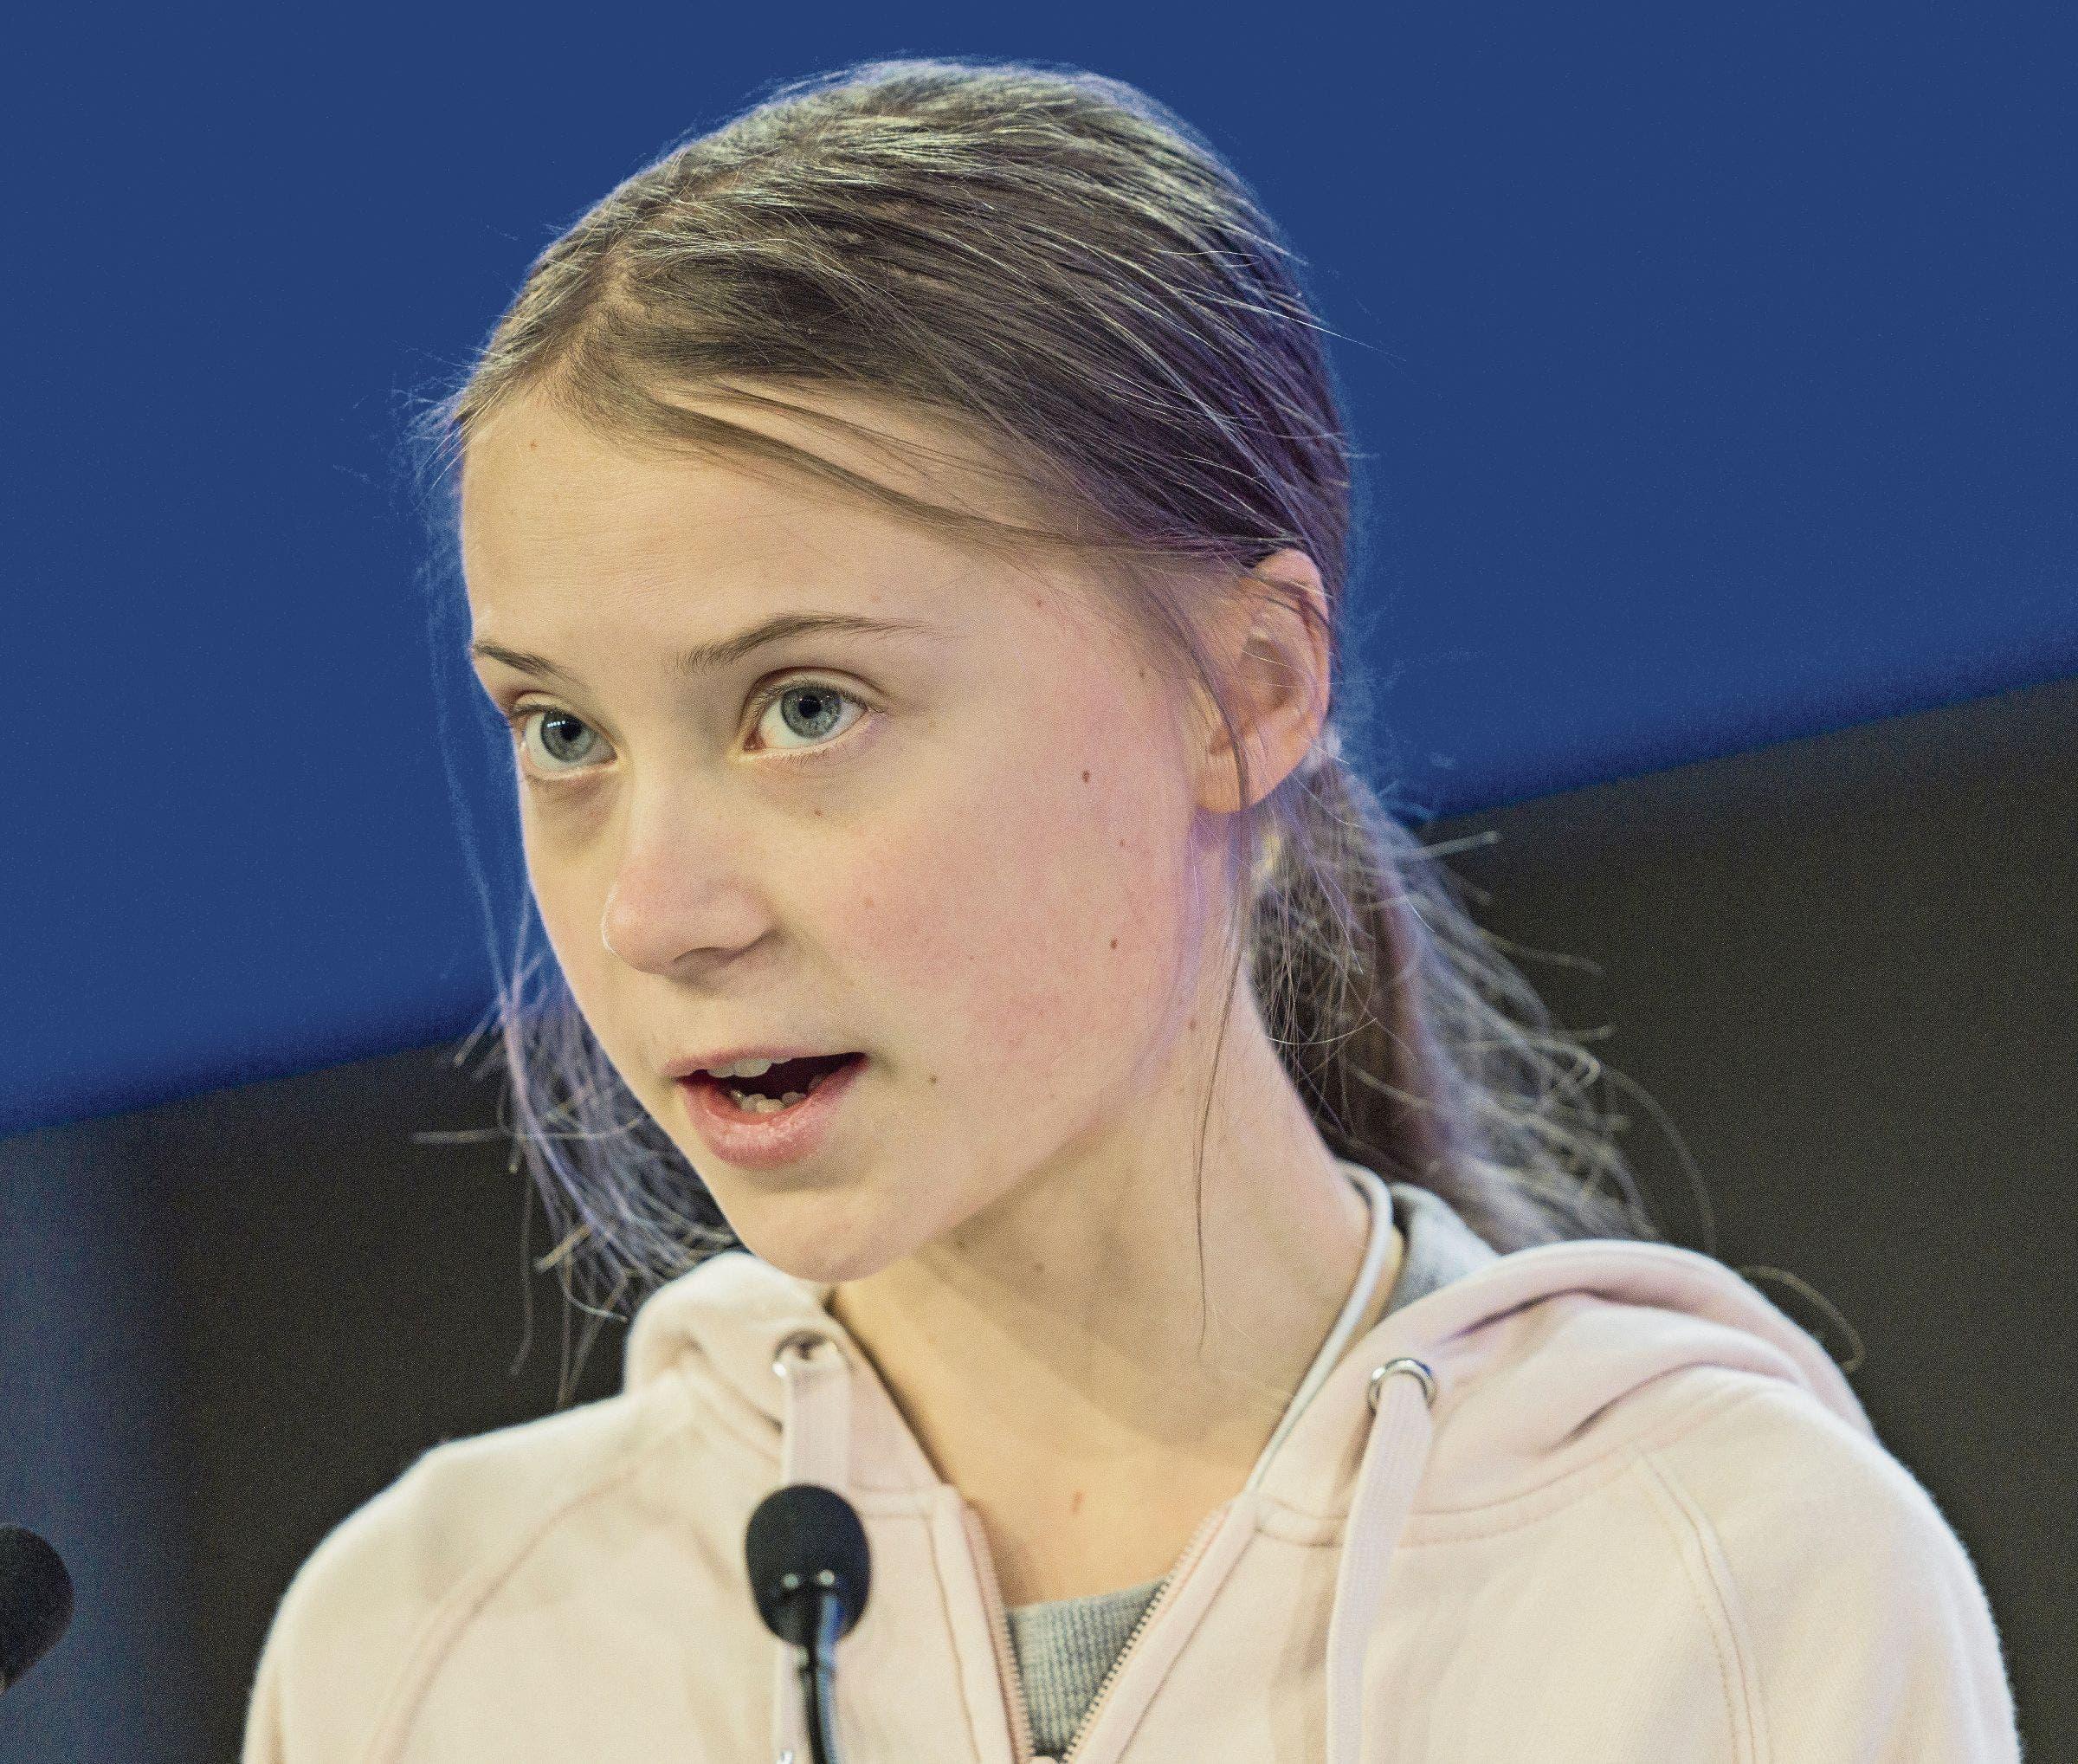 Umwelt- und Klimaschutzaktivistin Greta Thunberg.